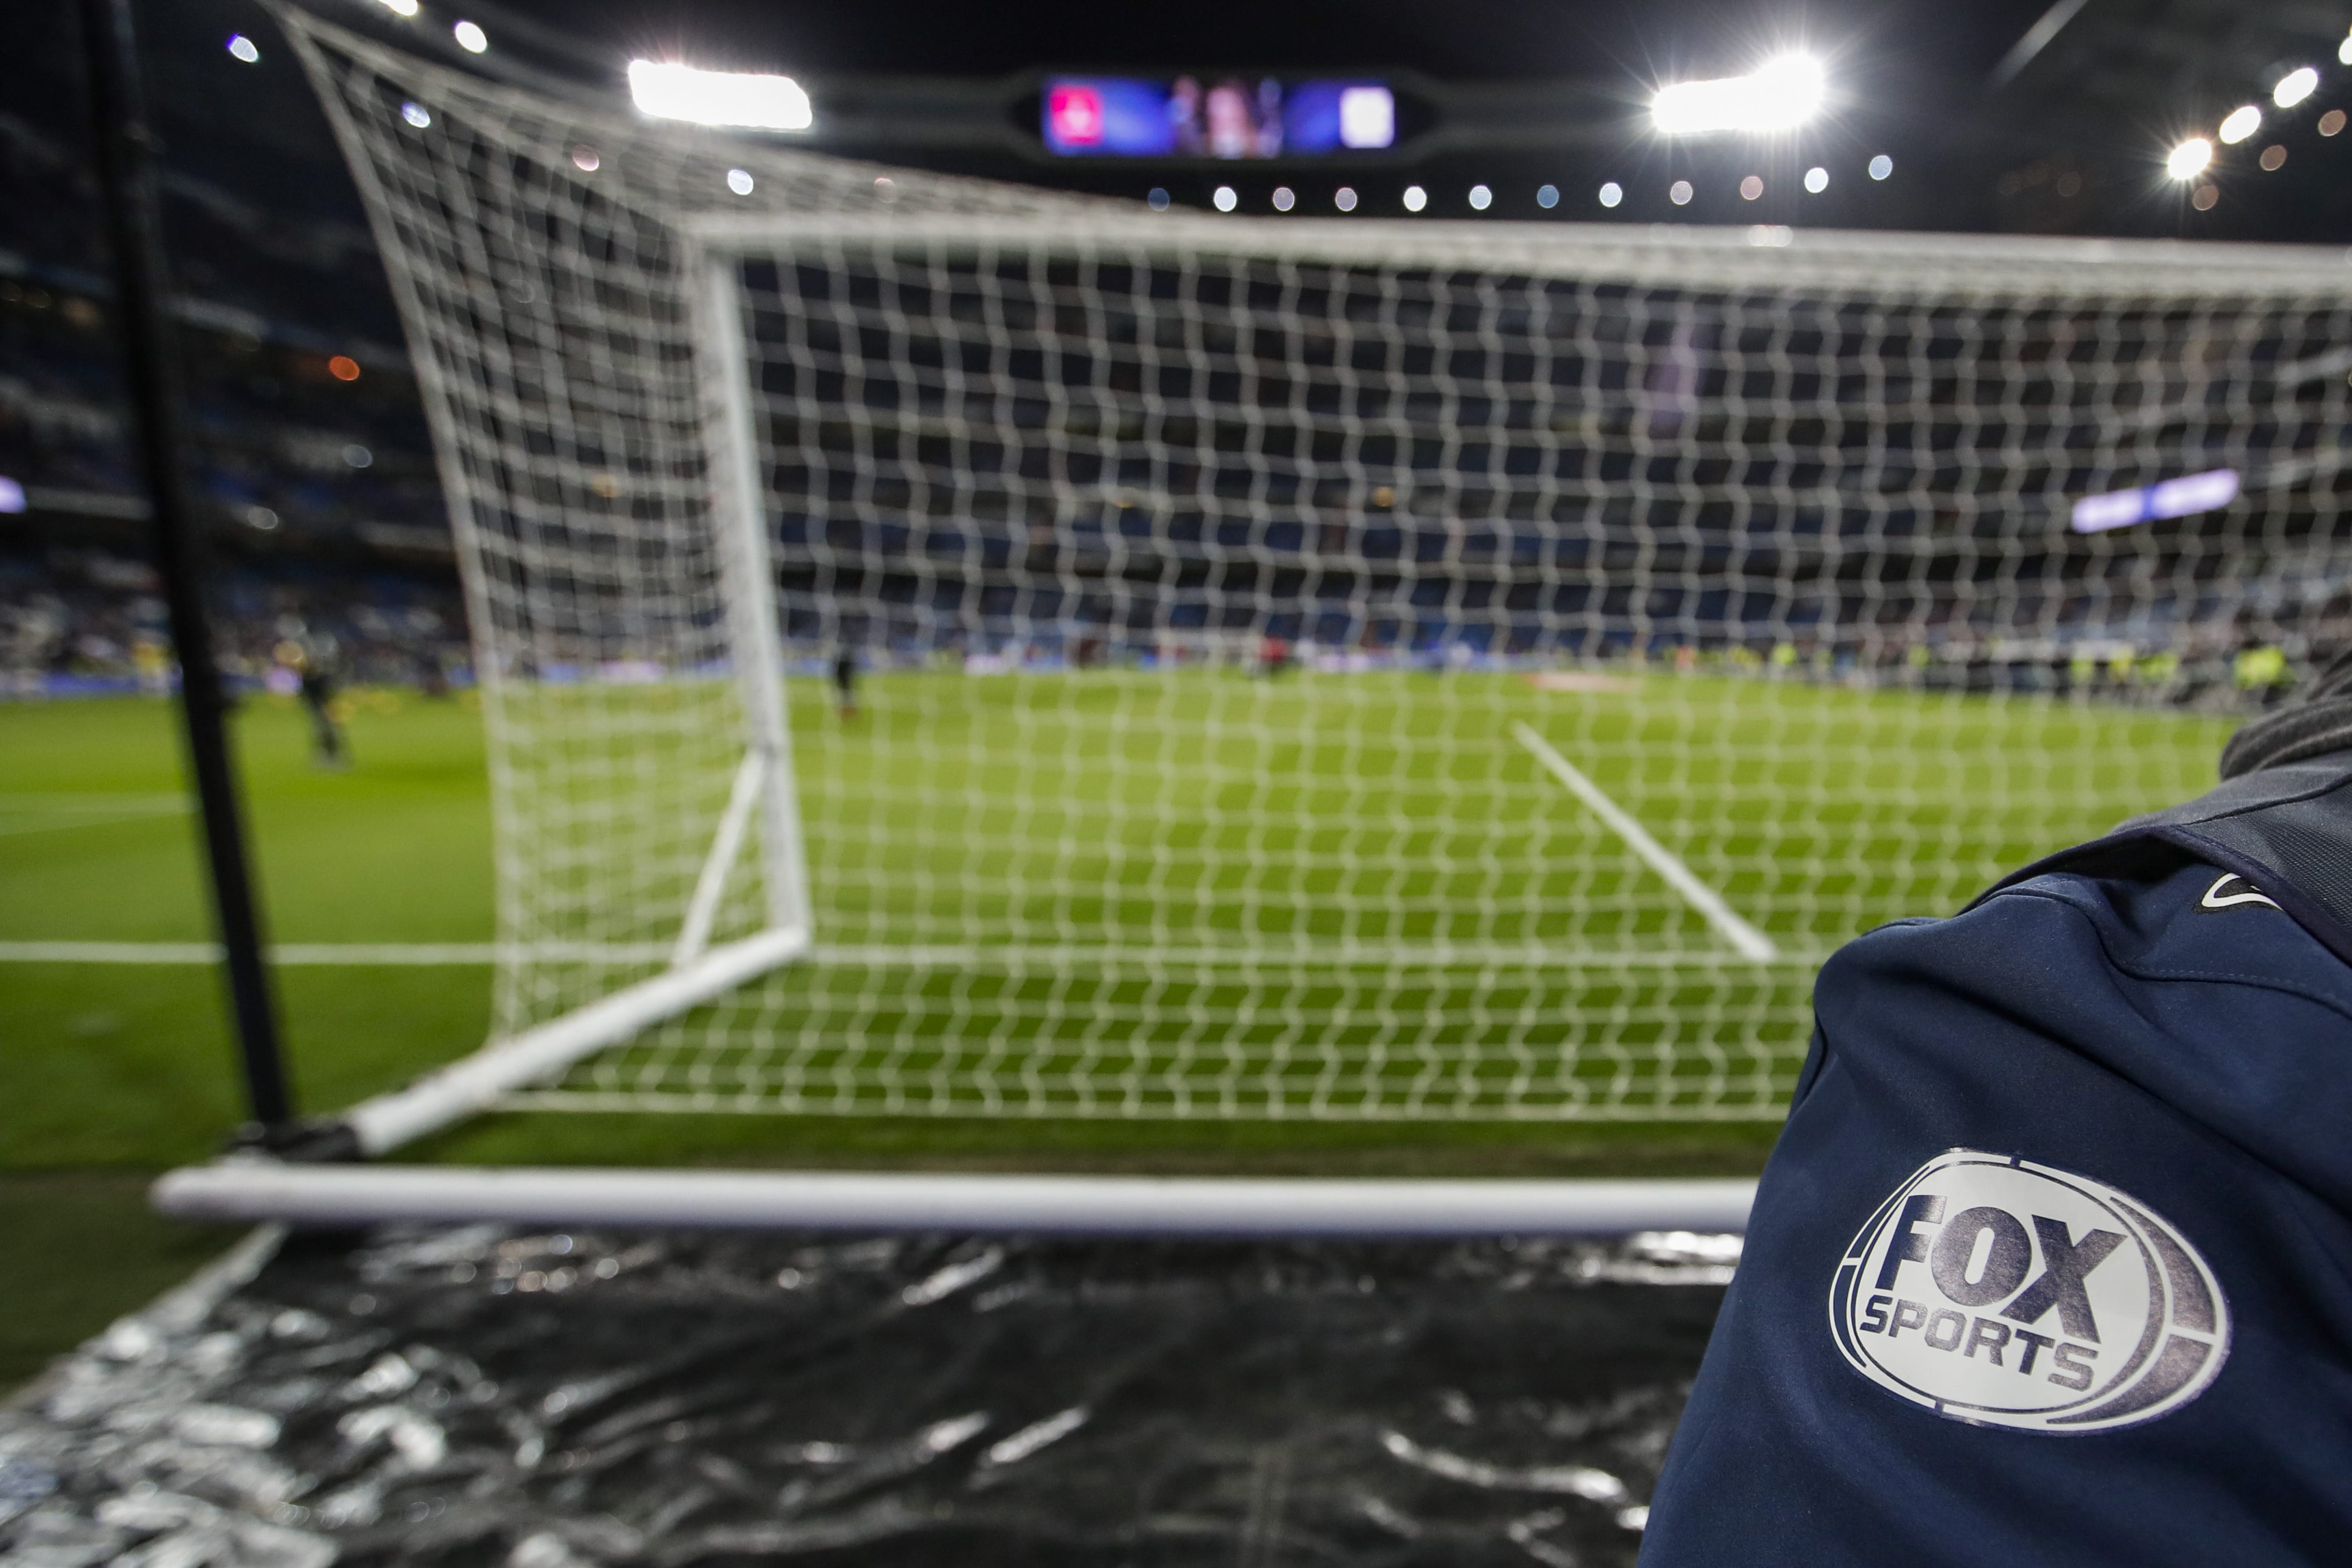 Deal FOX Sports en Ziggo: live Eredivisie voetbal blijft